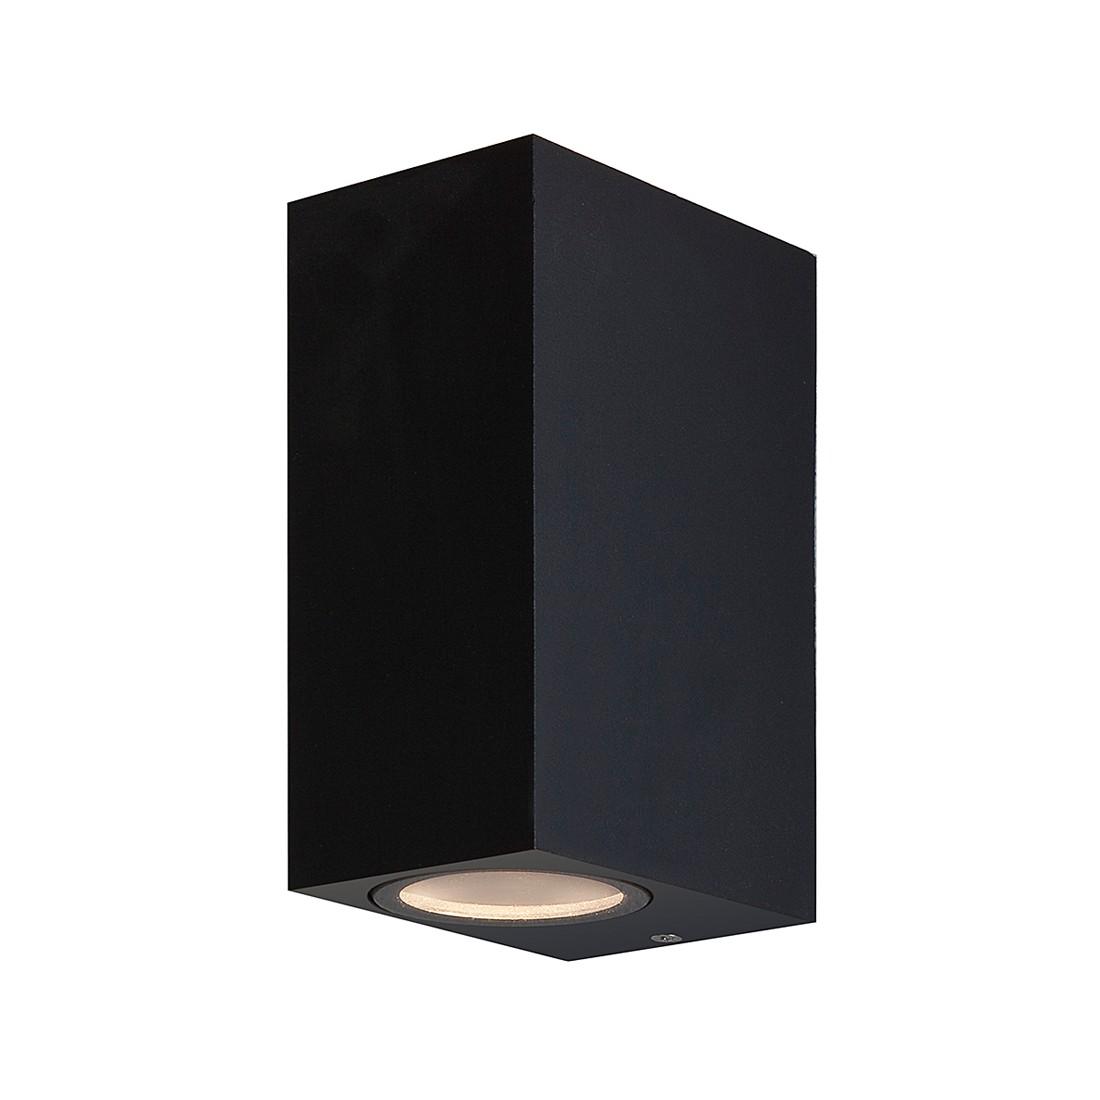 Außenleuchte Chios 150 ● Schwarz ● 2-flammig- Illumina A++